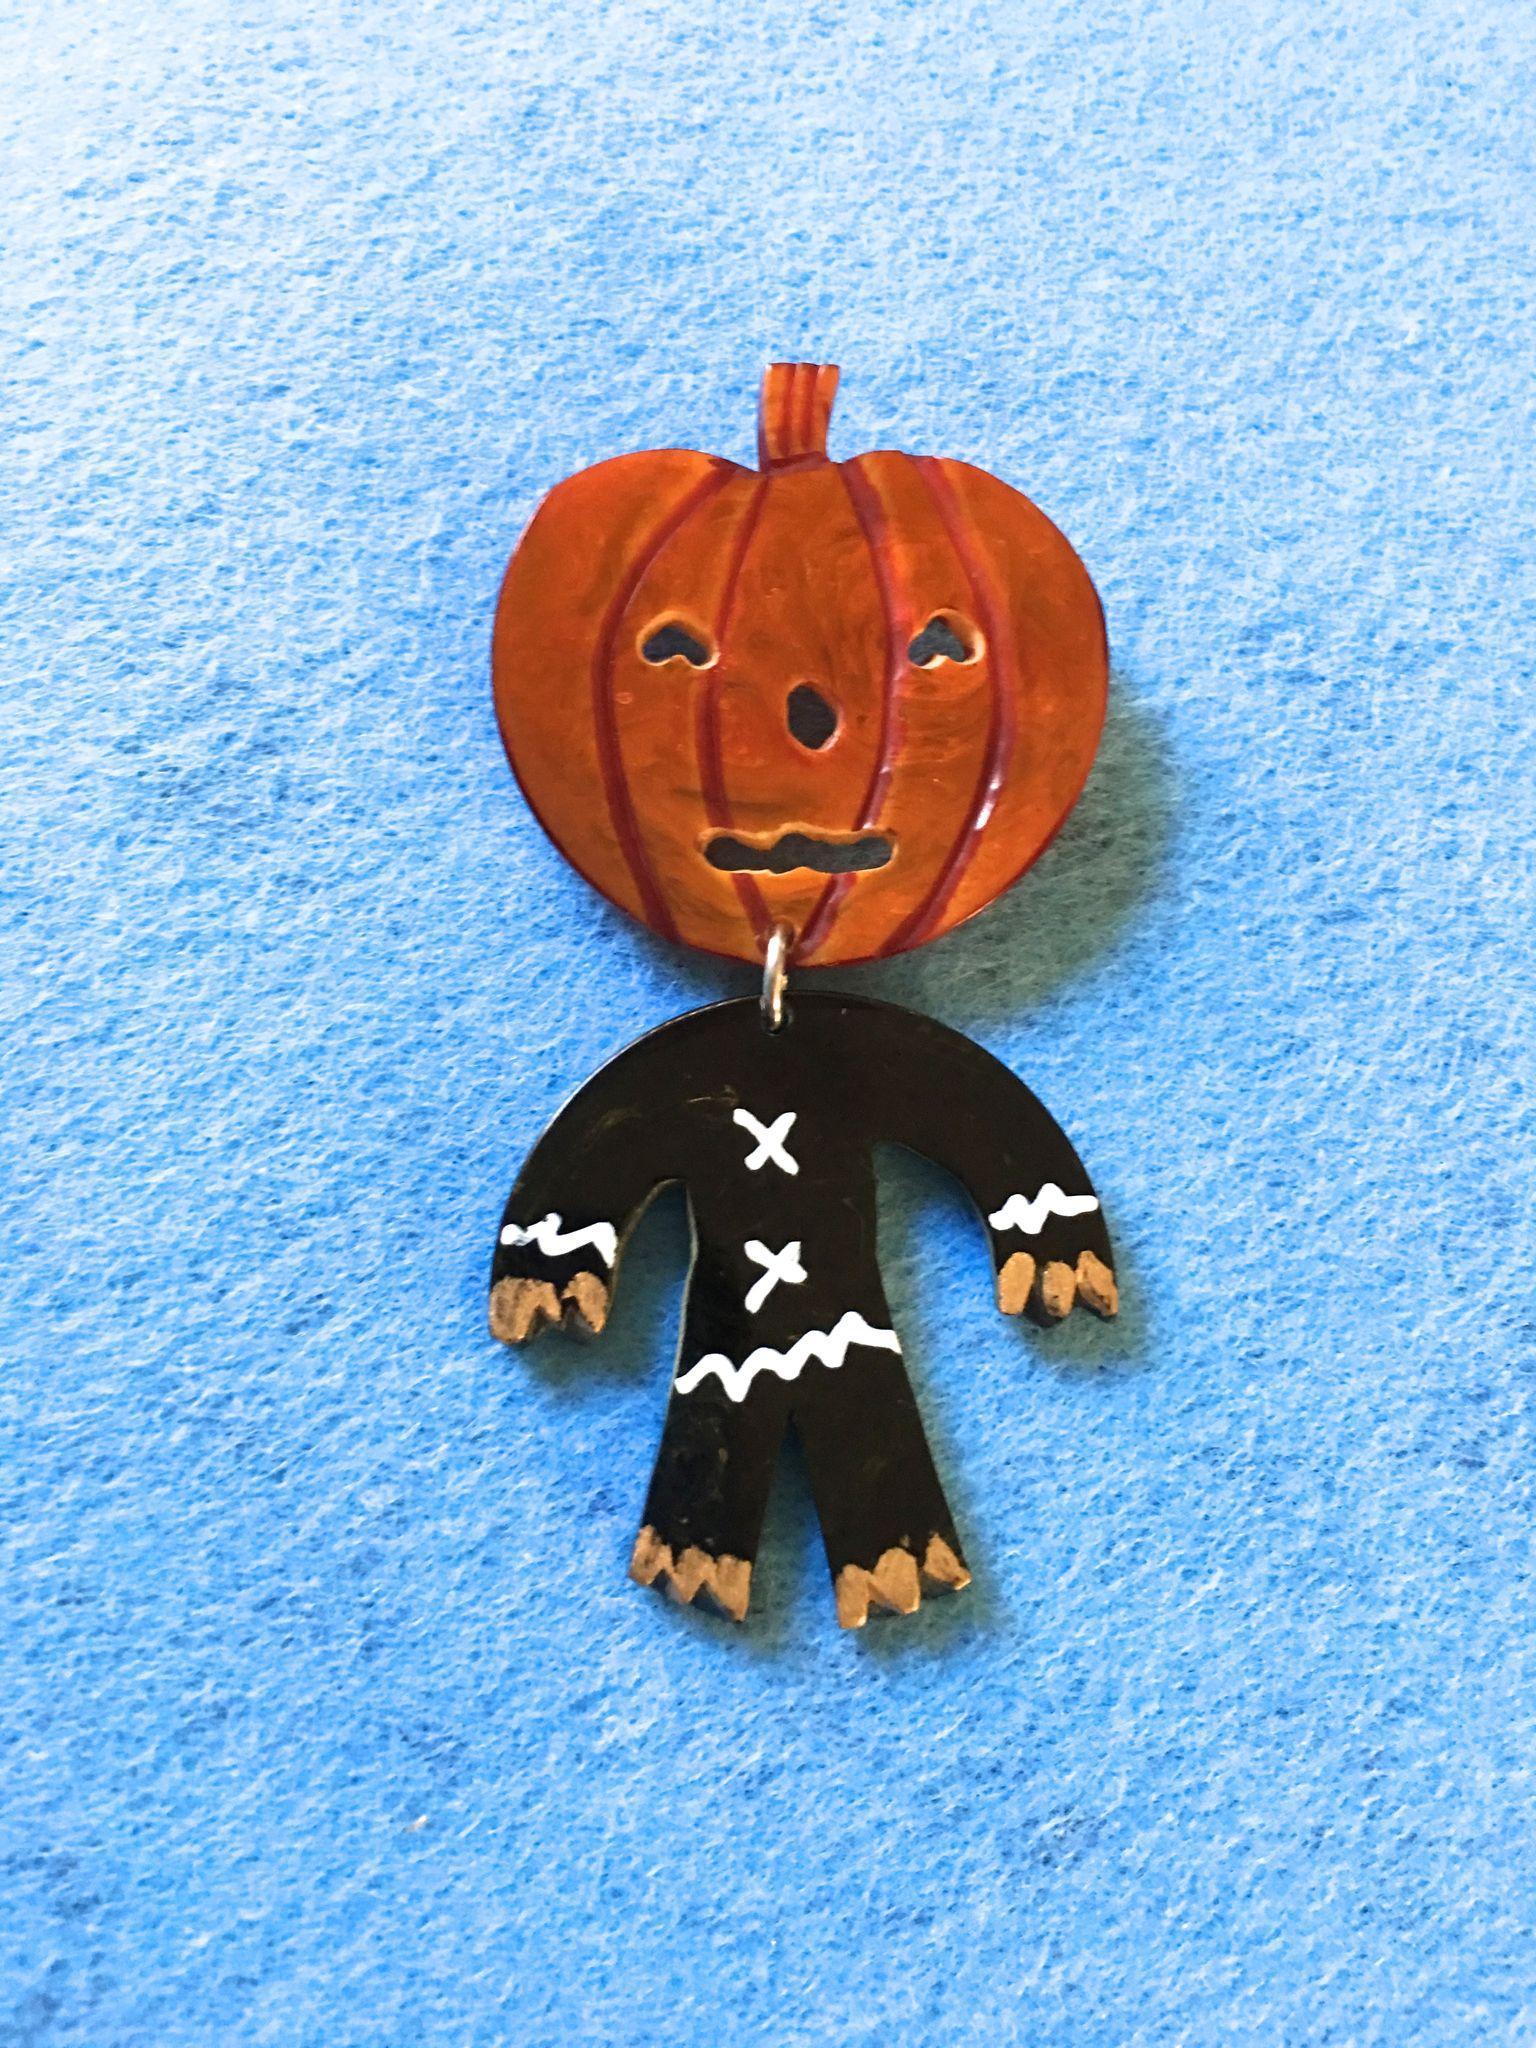 Jack-O-Lantern / Scarecrow Pin